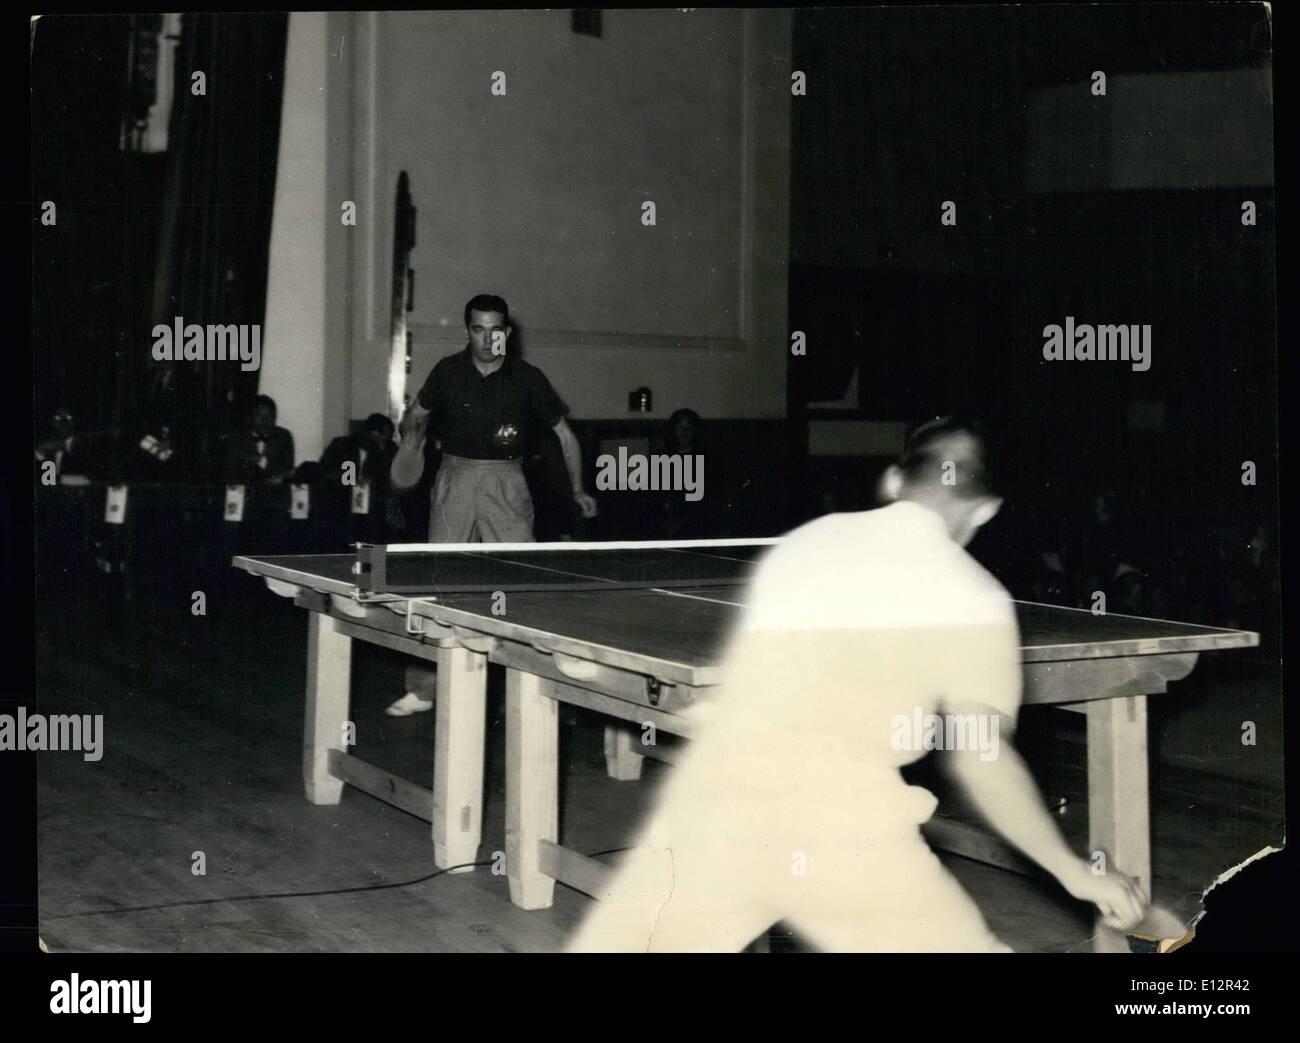 El 24 de febrero, 2012 - El torneo de tenis de mesa del Pacífico: Kenneth Adamson de Australia jugando contra Tadaaki Hayashi. Fue un juego parejo, con el resultado final, 21-17, 18-21, 22-20 y 21-14 en favor de Hayashi. Imagen De Stock